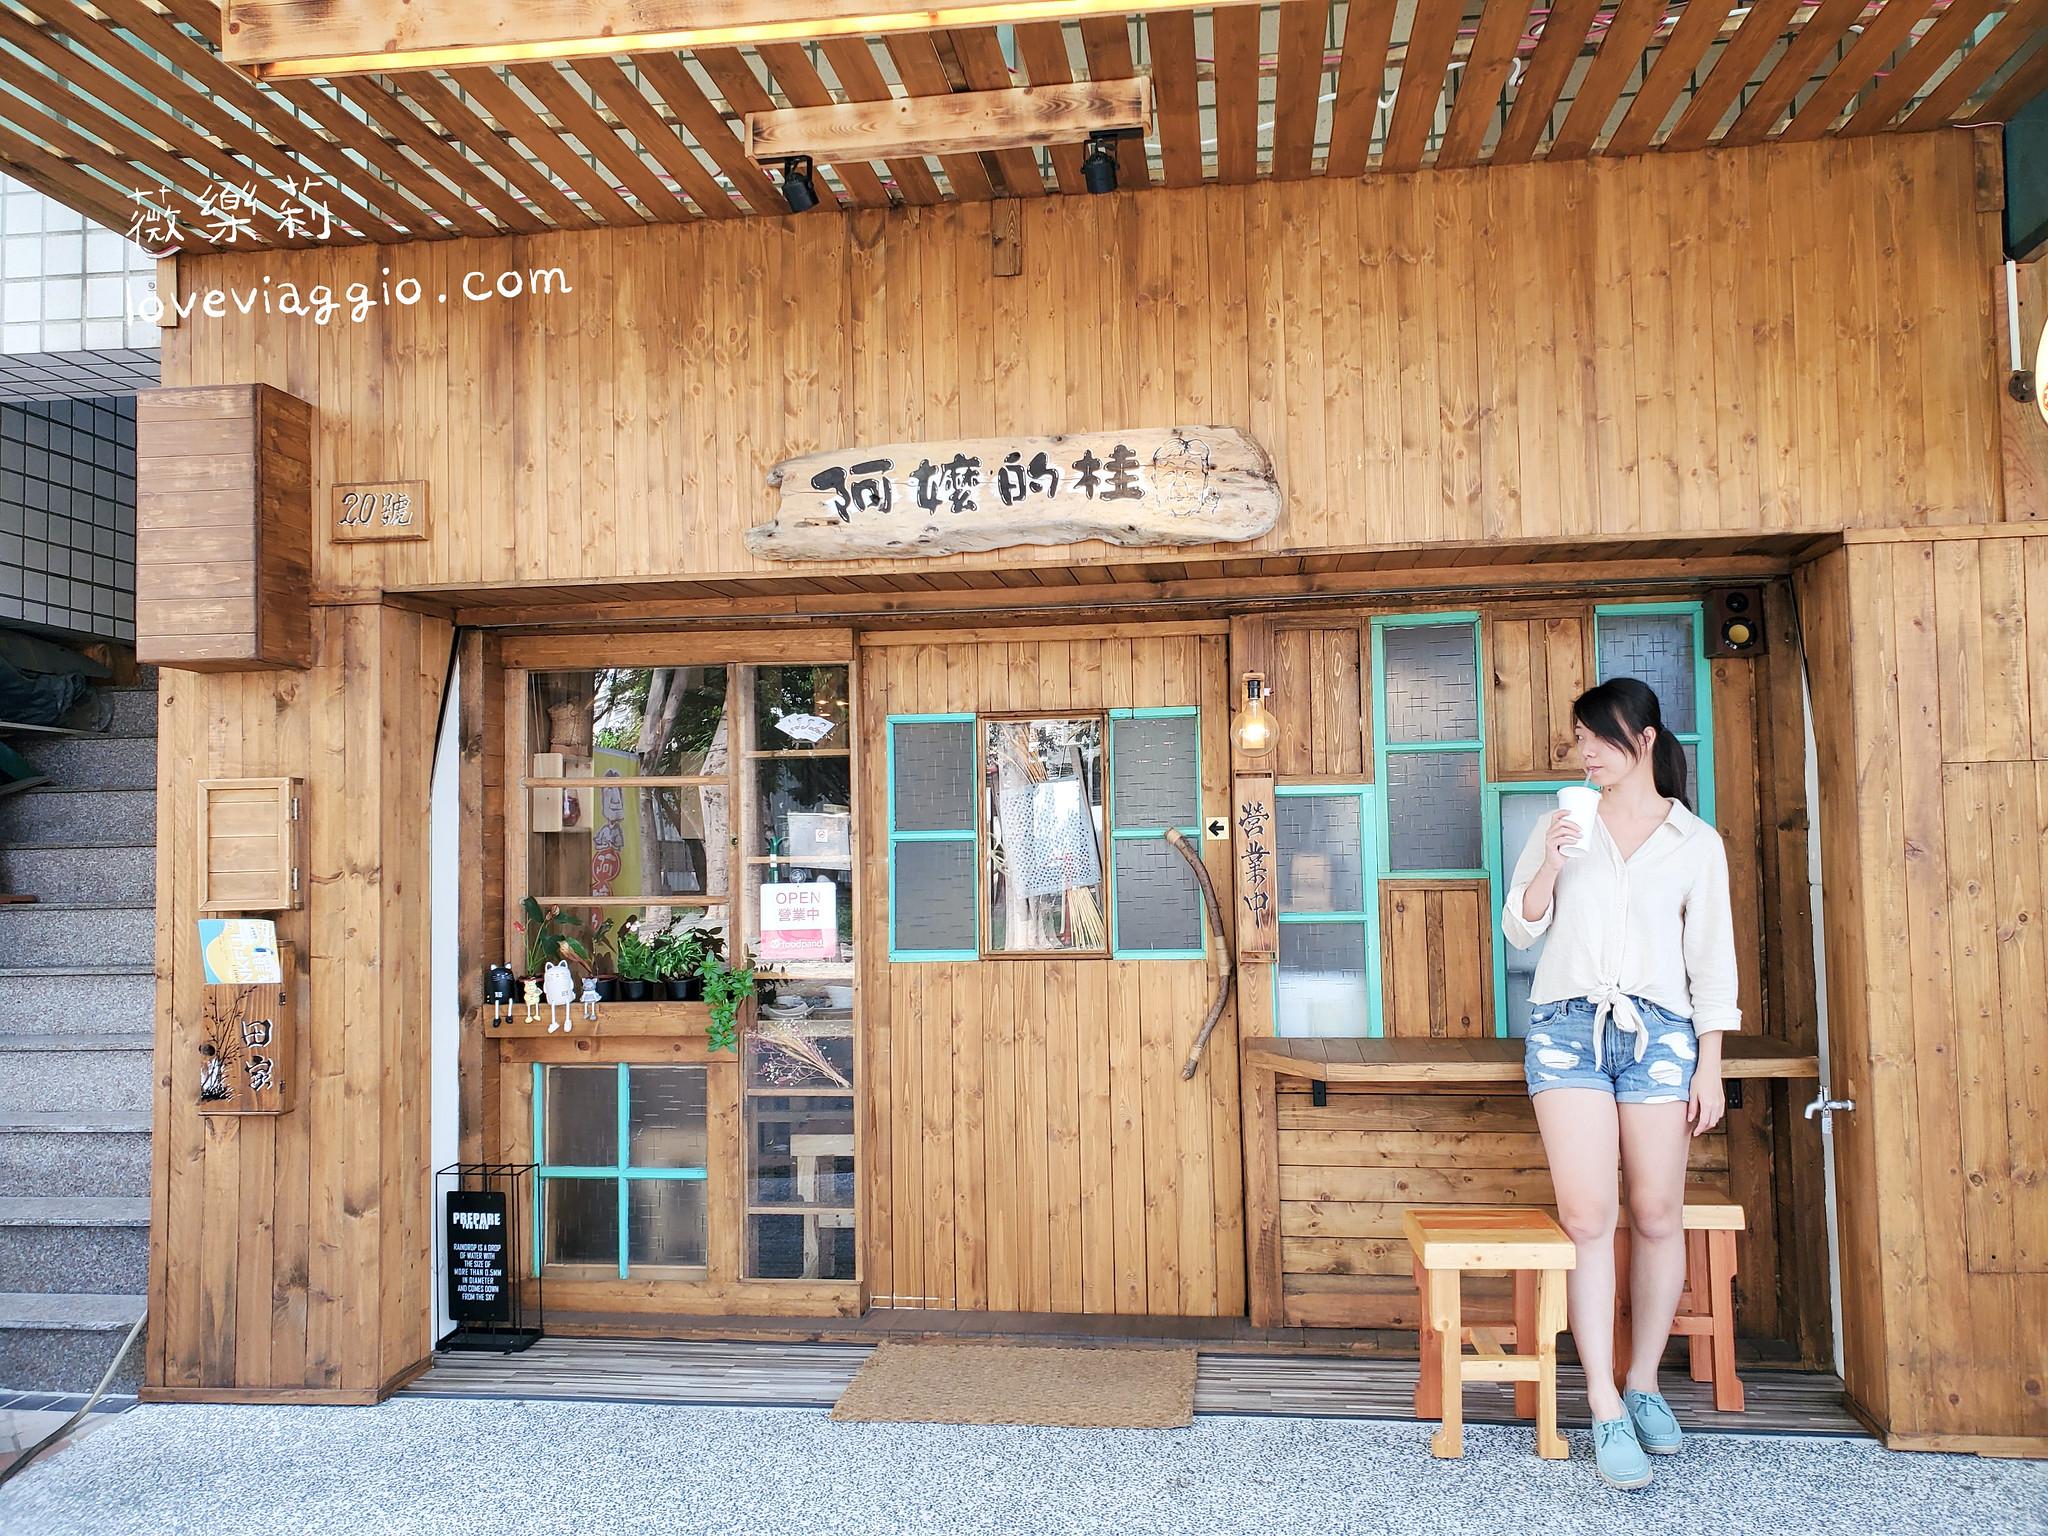 【高雄 Kaohsiung】阿嬤的桂 手工蘿蔔糕古早味懷舊鳳山早午餐 @薇樂莉 Love Viaggio   旅行.生活.攝影